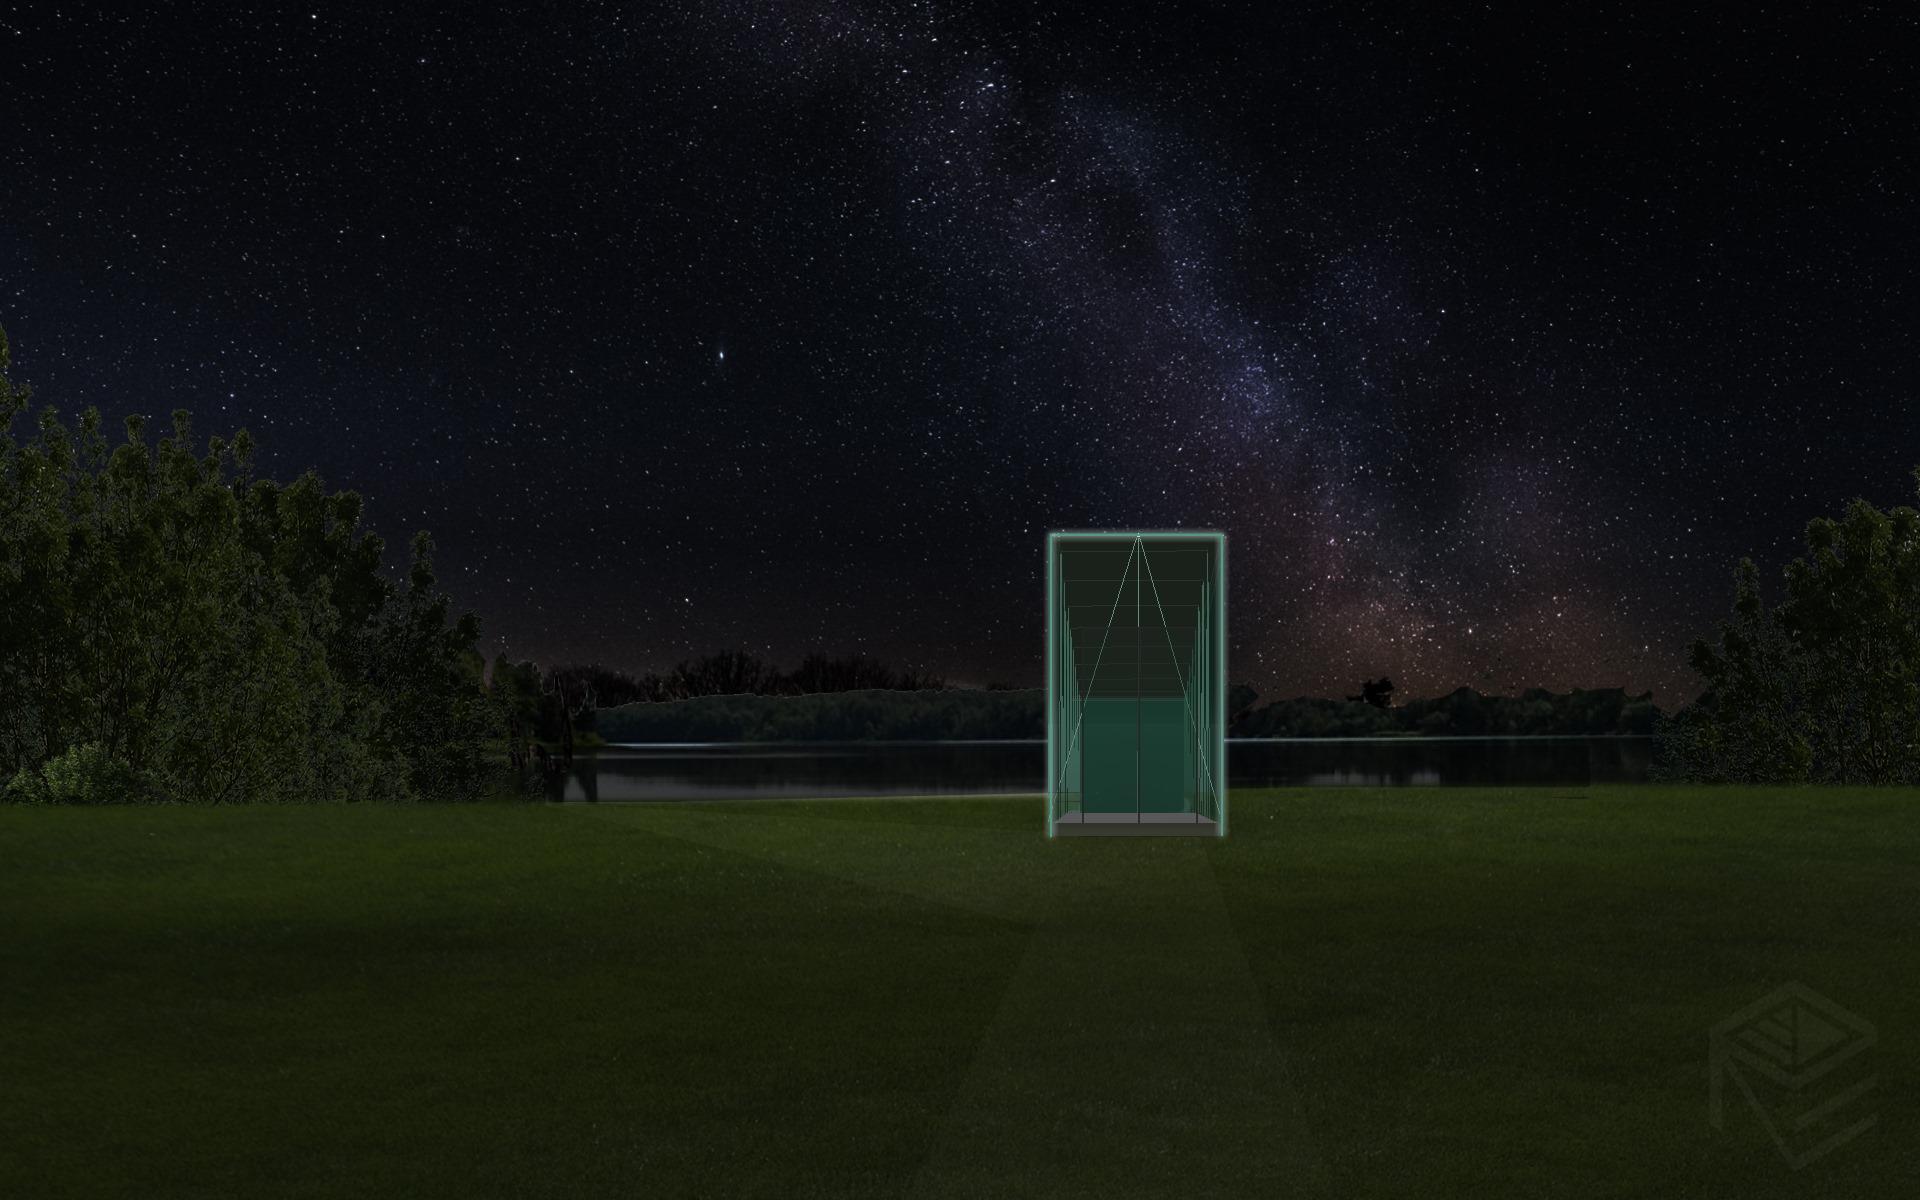 Architekte Svajone Pociene ekologisko namo projektas 1d naktis